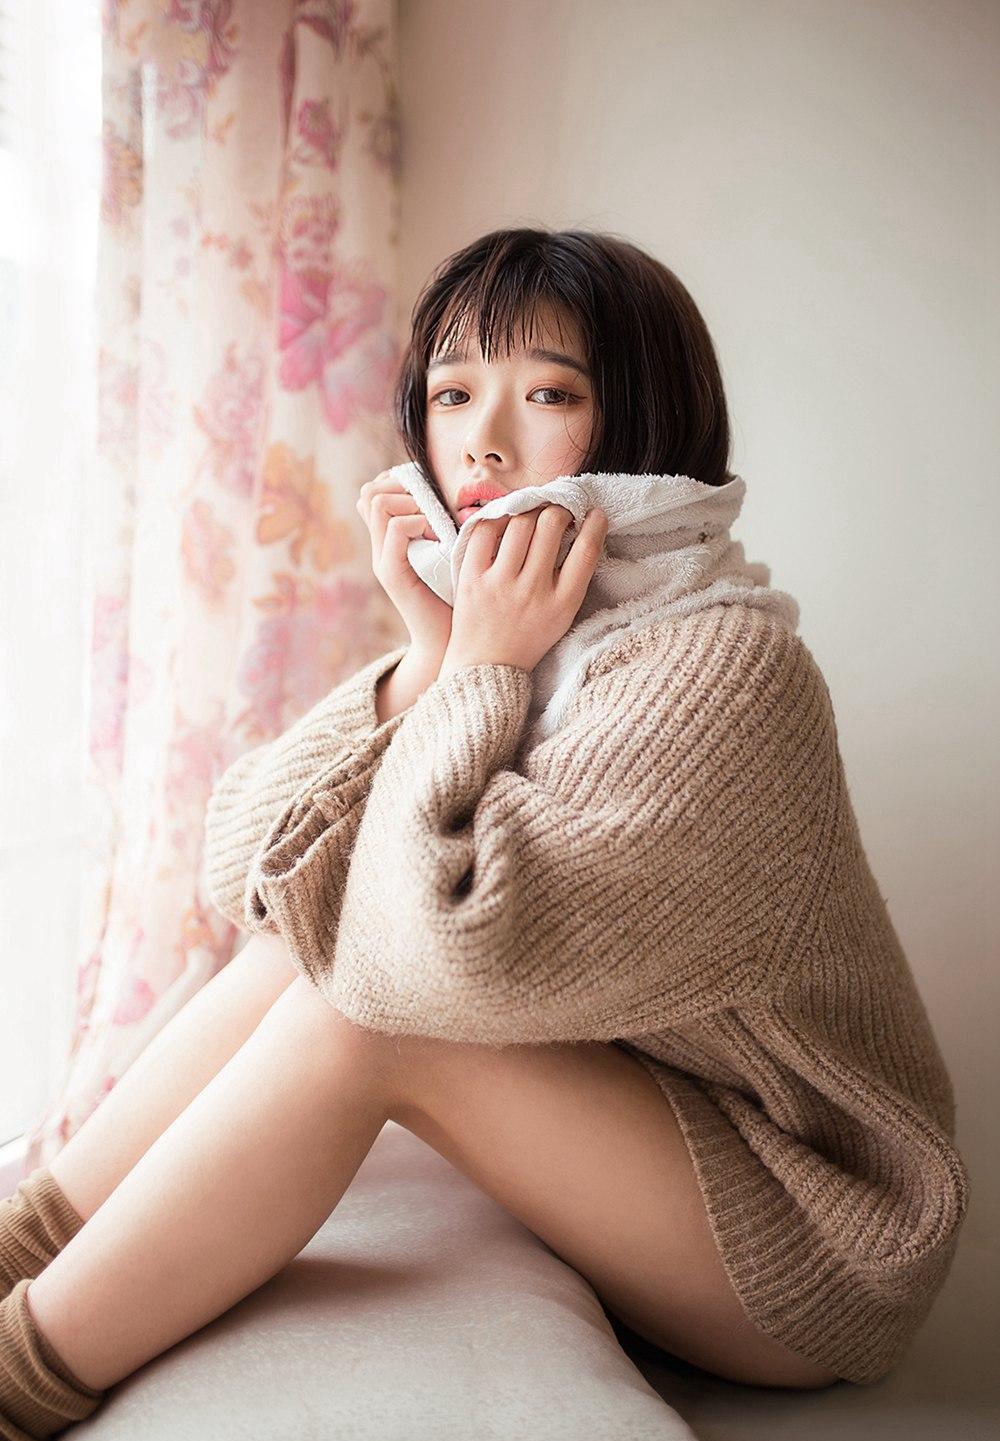 [喵糖映画] VOL.101 冬日毛衣 [40P] -第1张